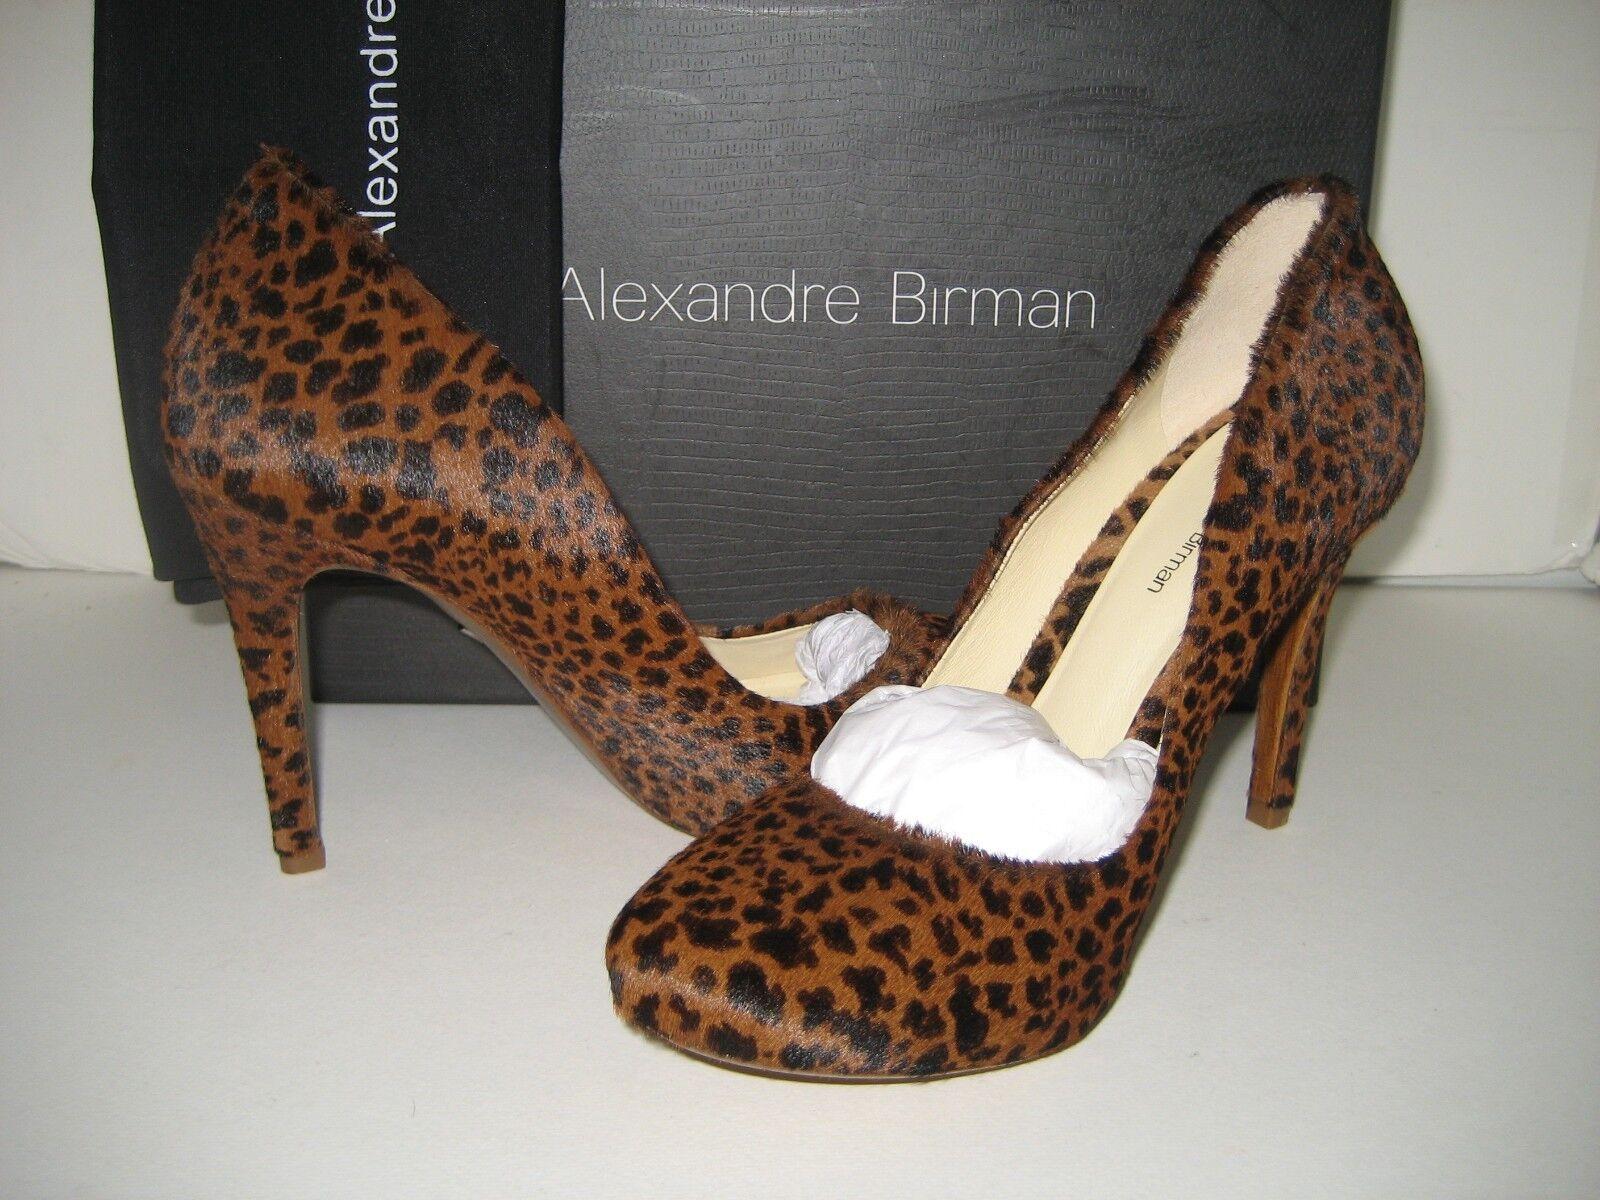 NUOVO Alexandre Birman donna  US 9 EU 40 Leopard Fur High Heels Pumps scarpe Defect  stile classico